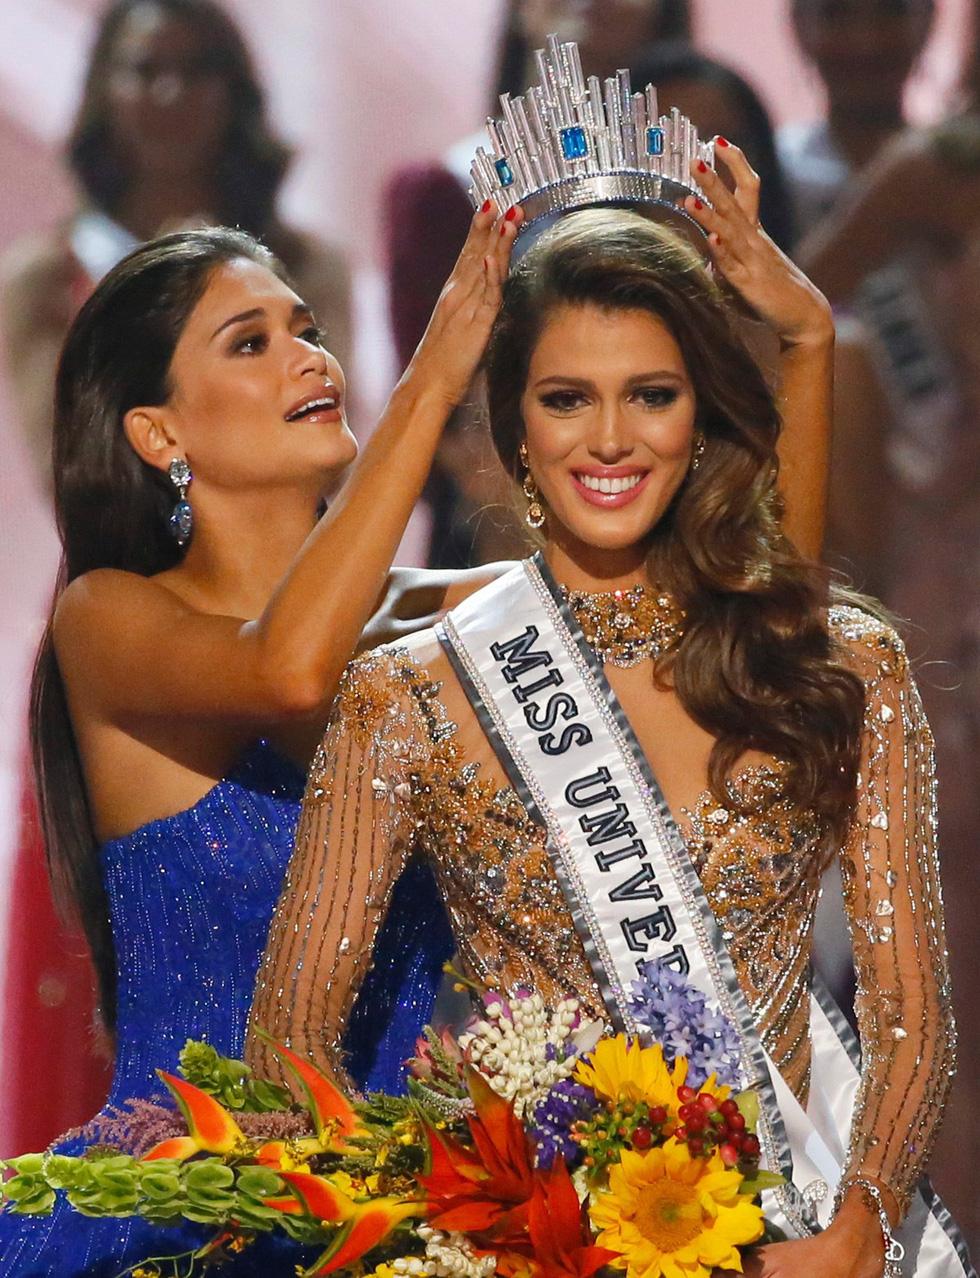 Thí sinh Miss Universe khóc, la thét, há hốc mồm khi là Hoa hậu - Ảnh 3.